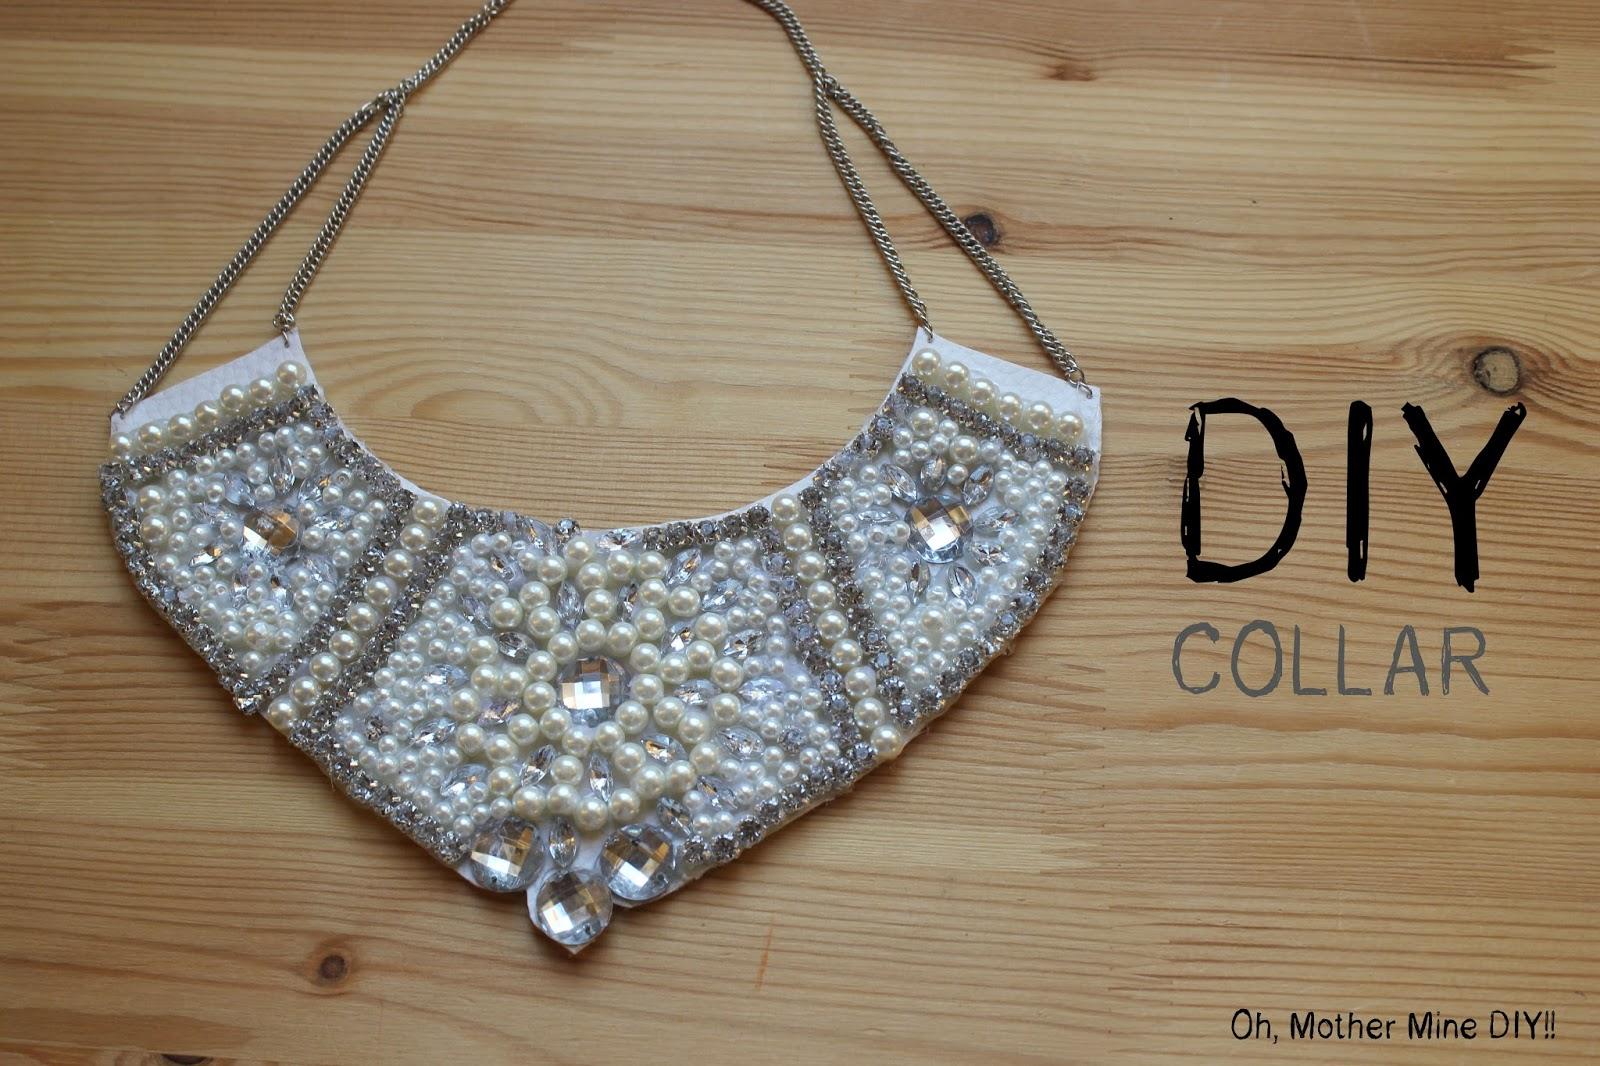 1e21a41cc0a5 DIY Collar de perlas y piedras Swarovski